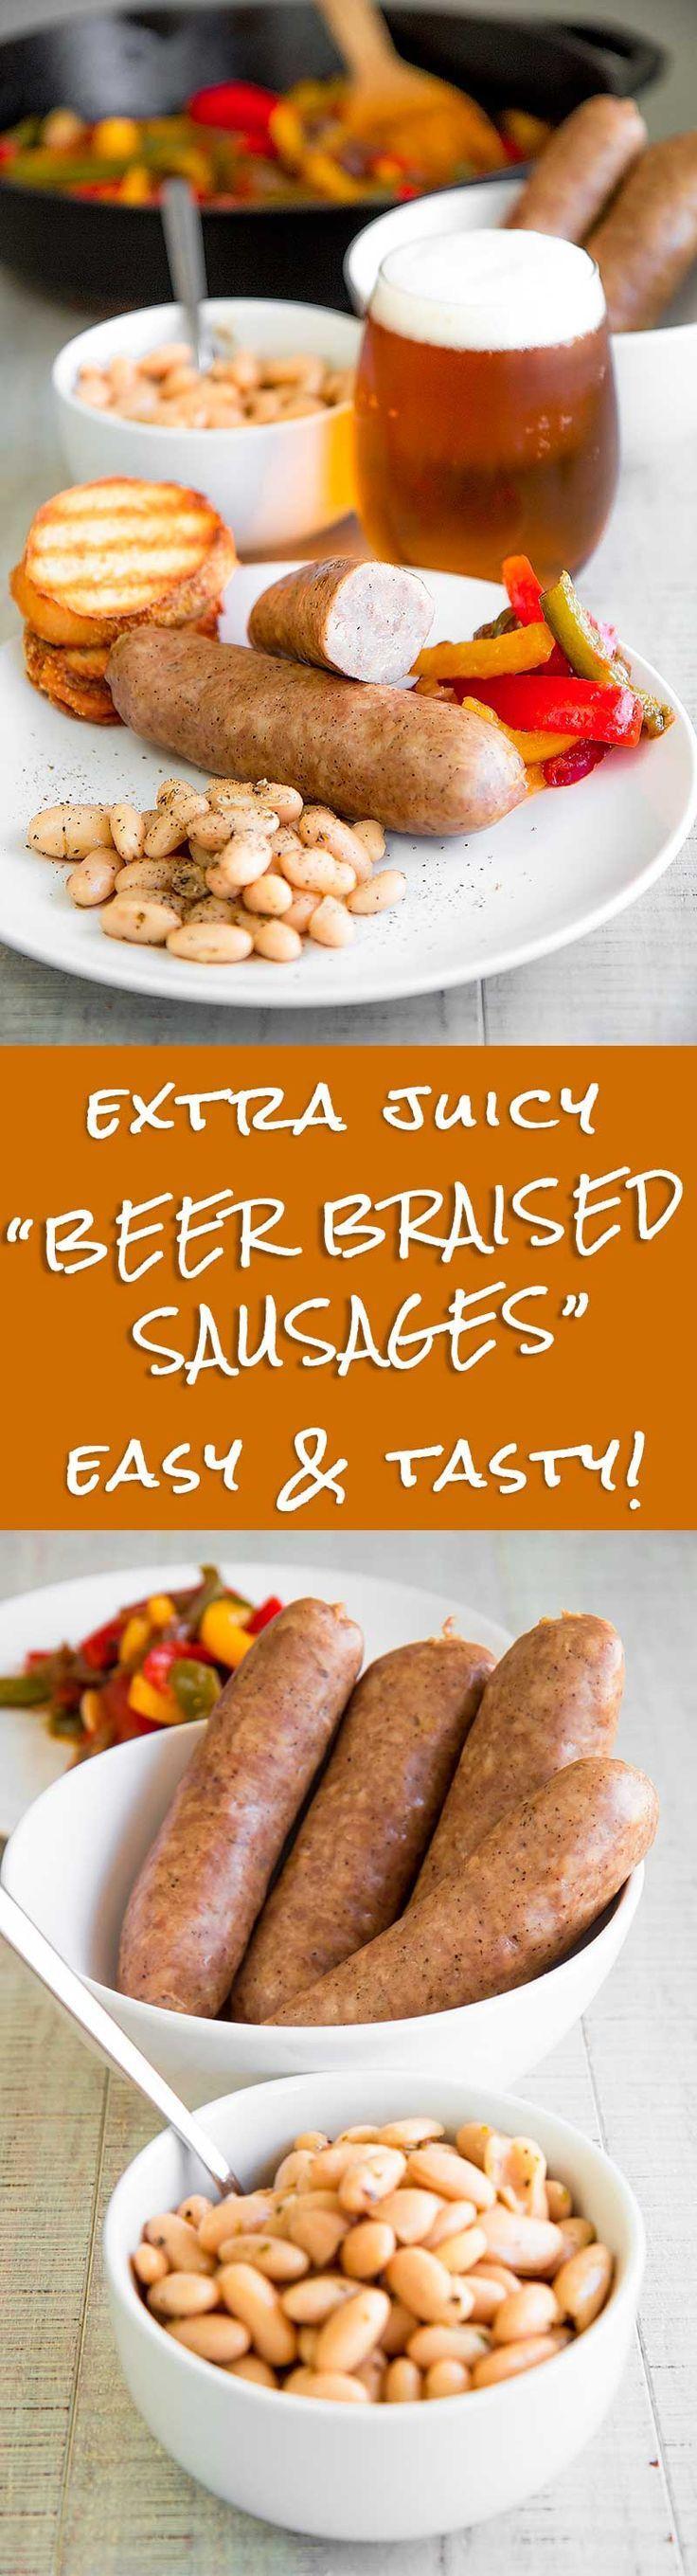 Photo of EXTRA JUICY BEER BRAISED SAUSAGES – Easy & Tasty!